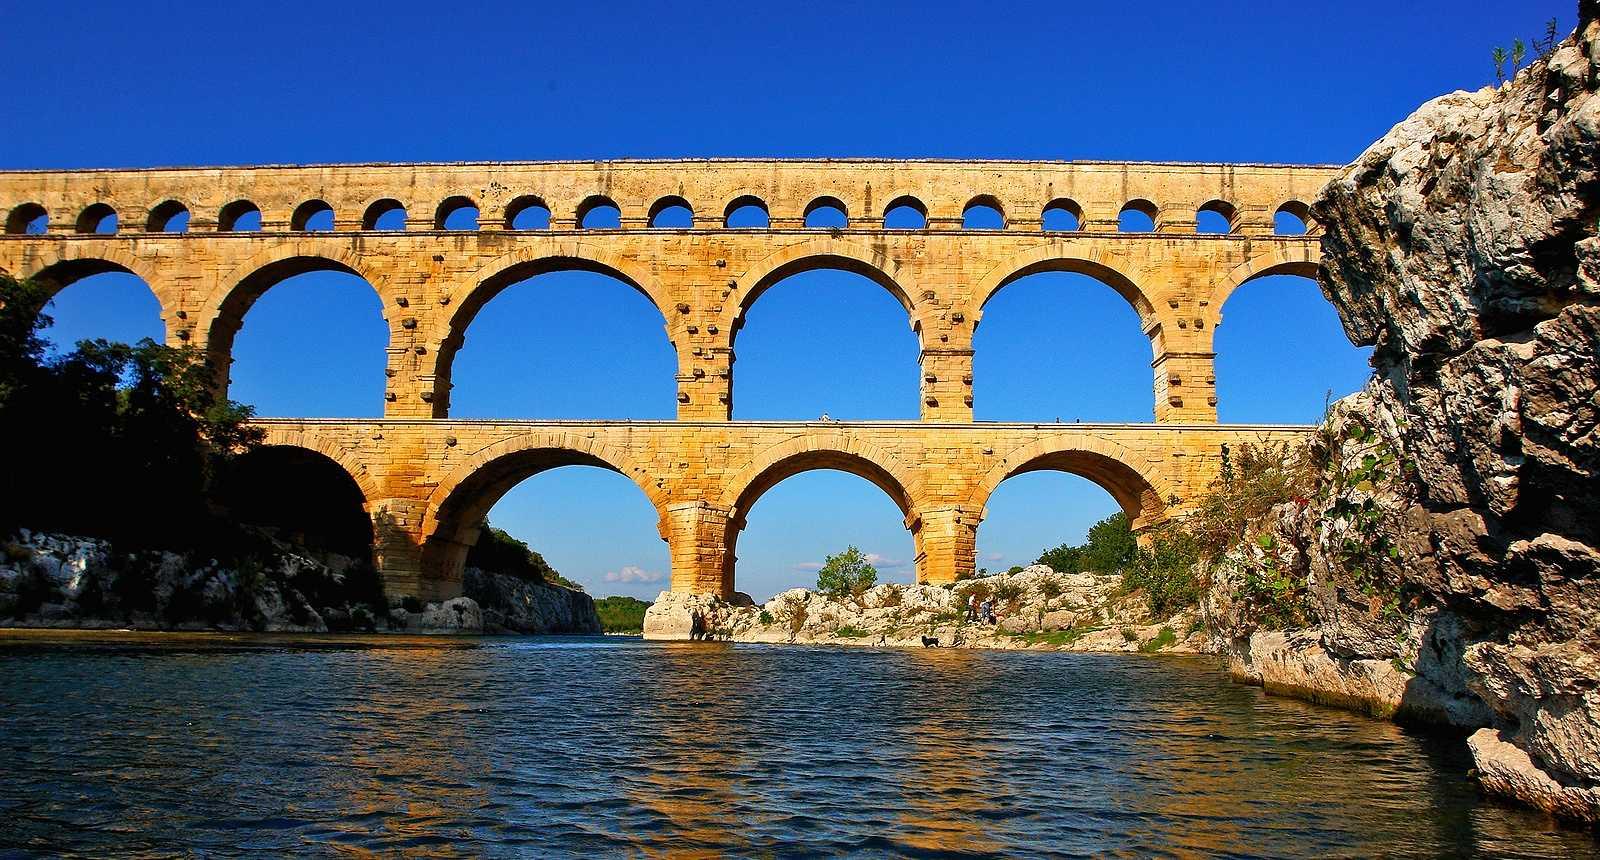 Le Pont du Gard et la rivière Gardon